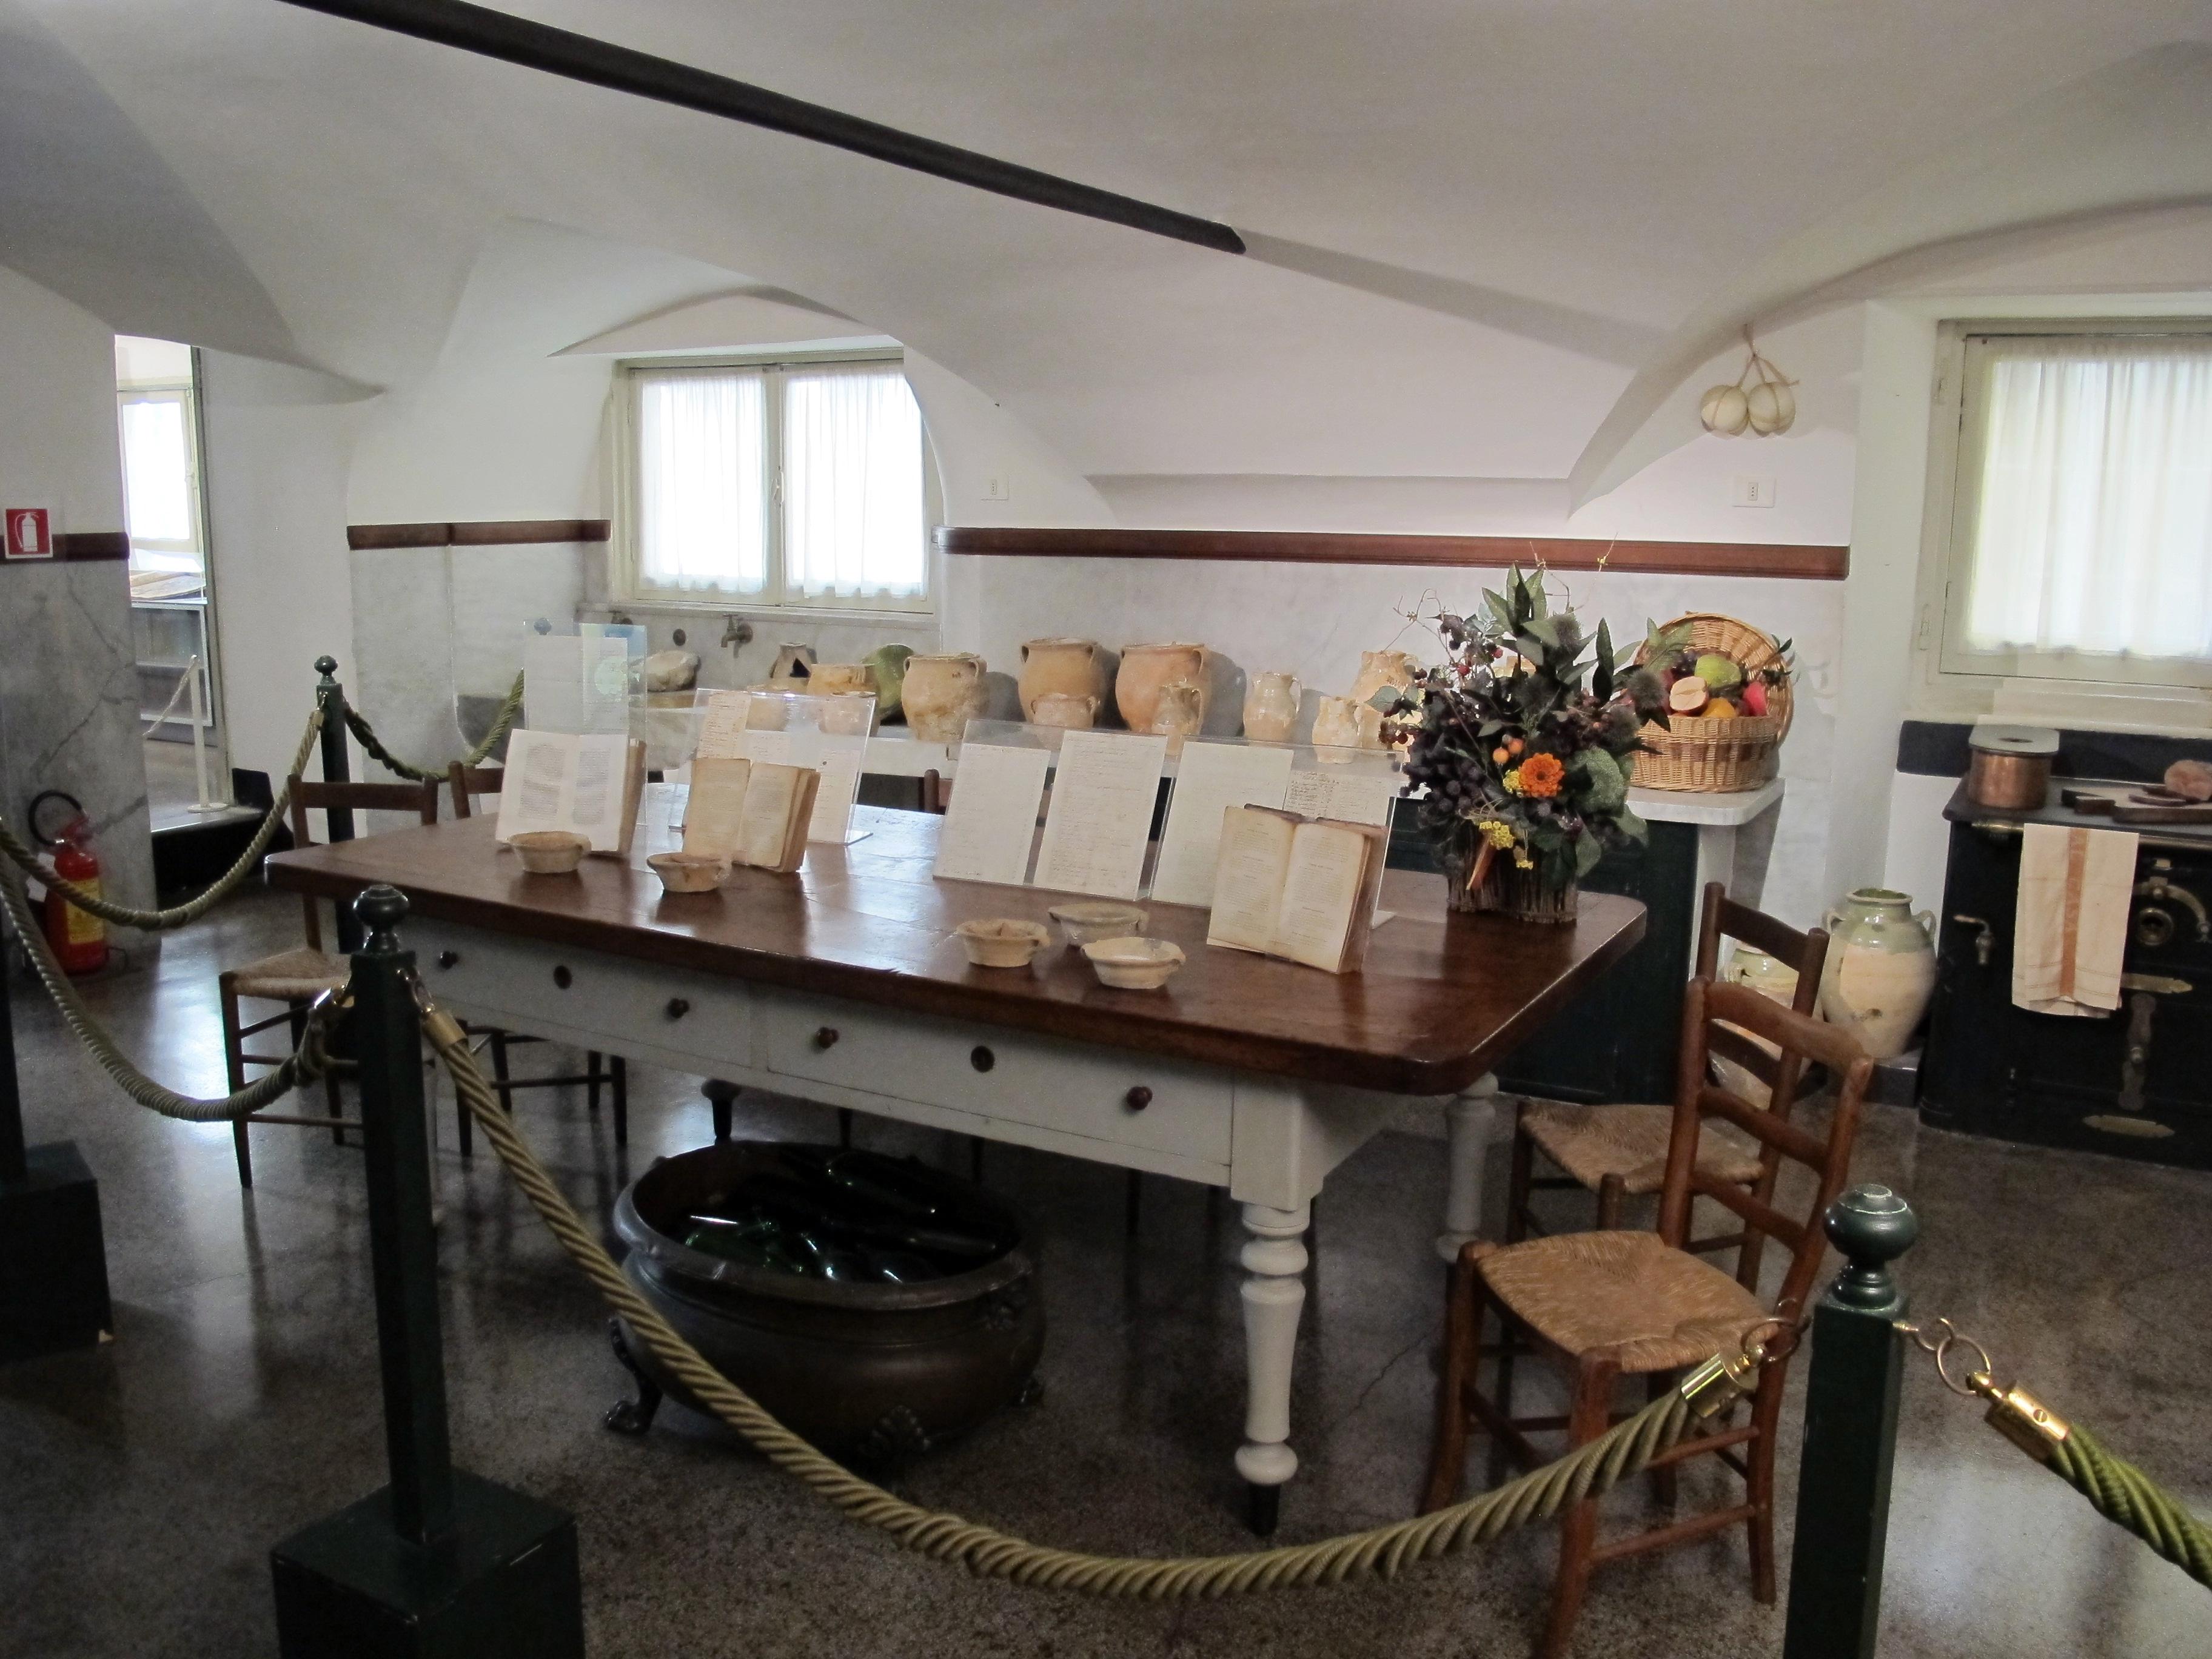 Cucine Antiche Firenze: Cucine florence cucina berloni catania ...